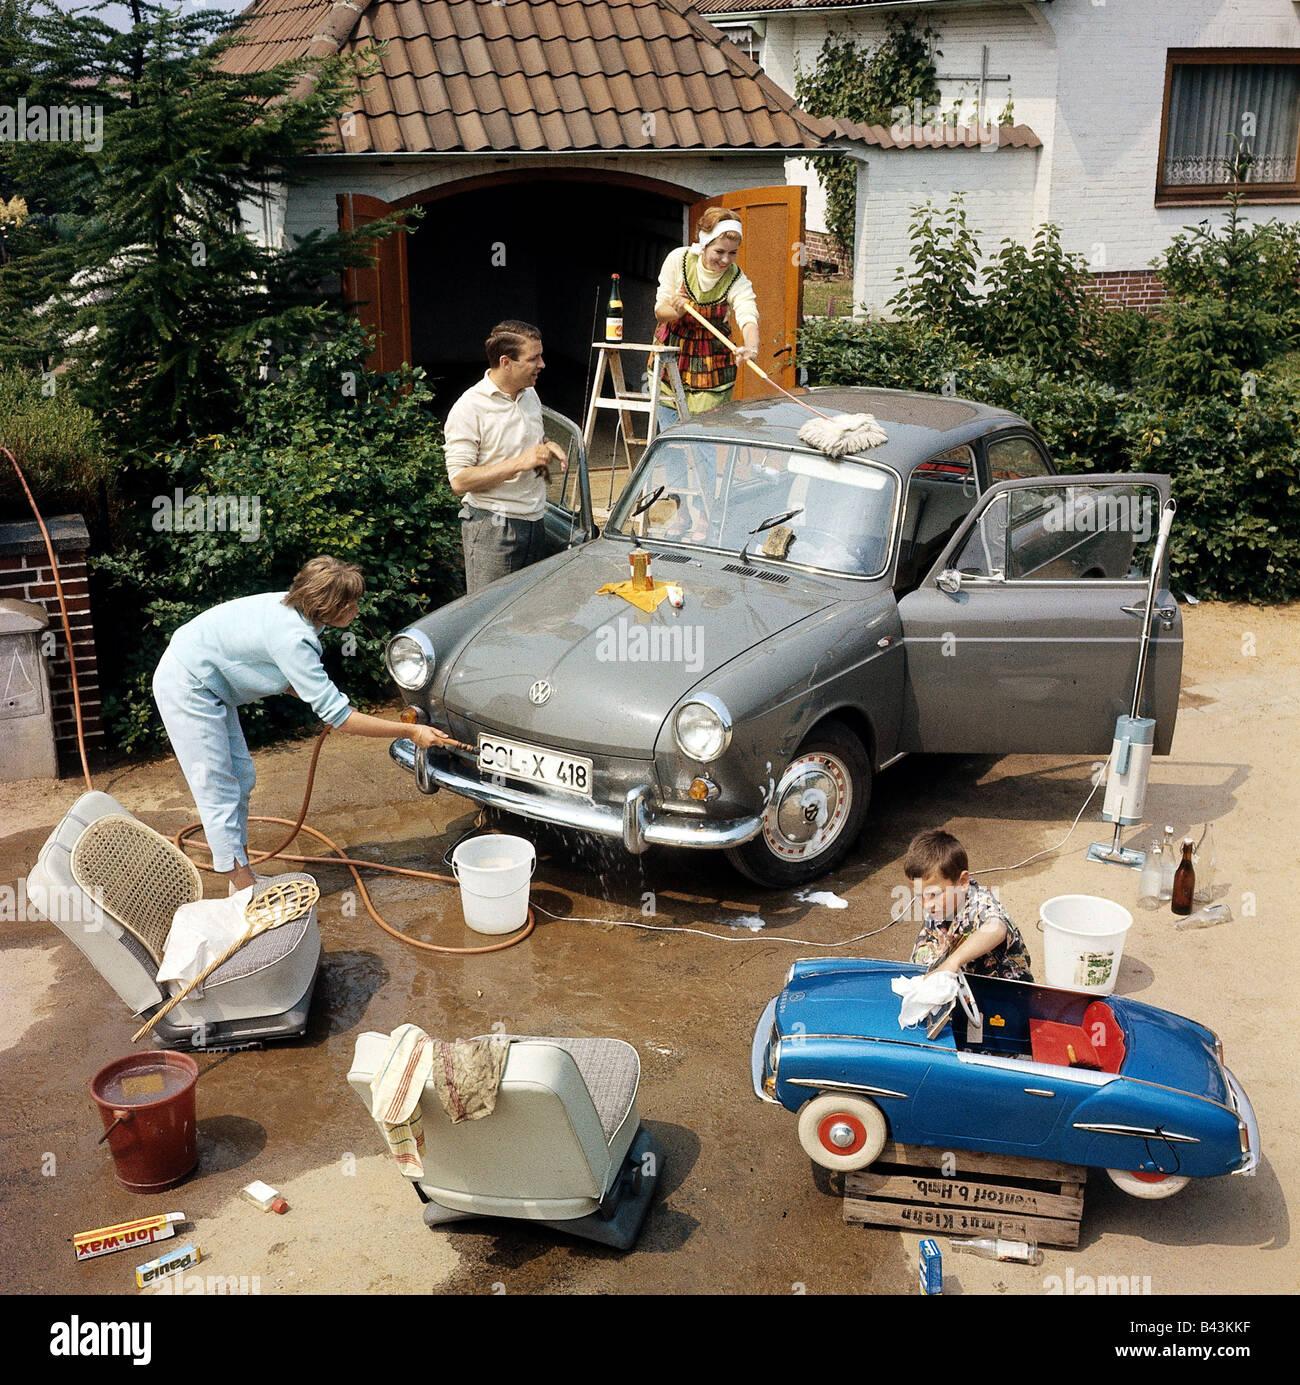 menschen familie autowaschen 1960er jahre historisch historische 60er jahre zu hause am. Black Bedroom Furniture Sets. Home Design Ideas